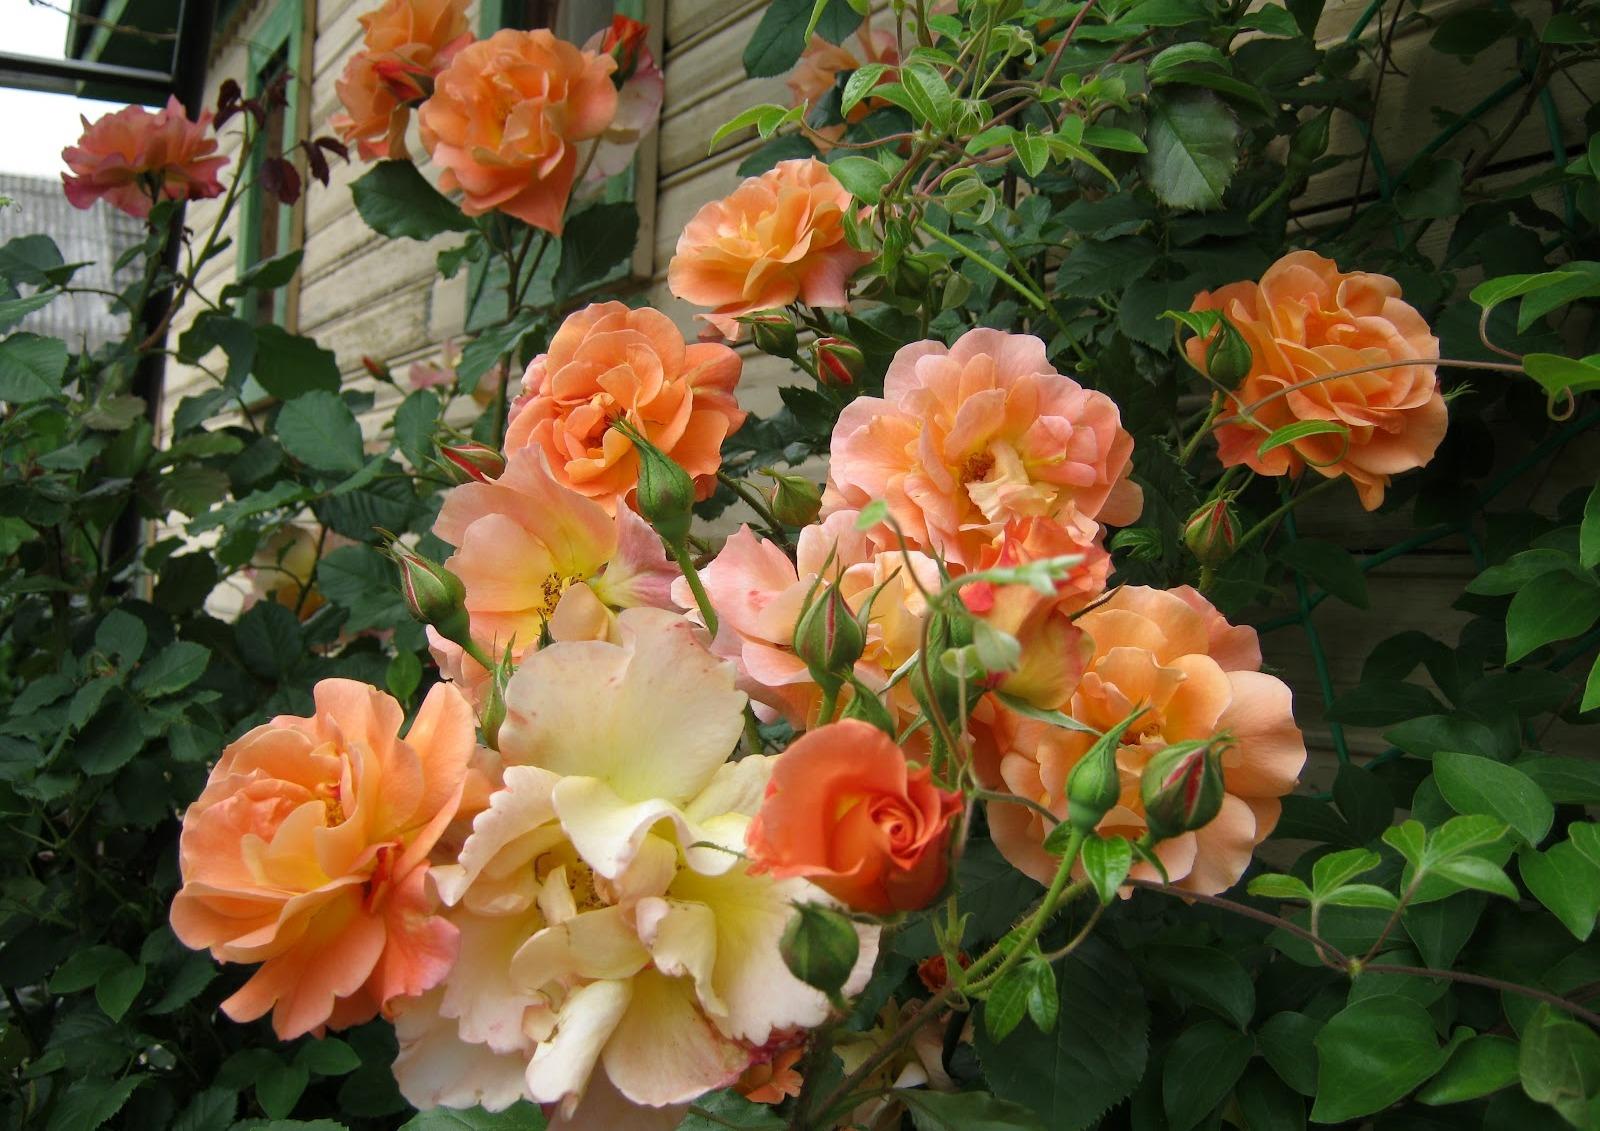 роза парковая вестерленд фото описание элегантности, утонченности